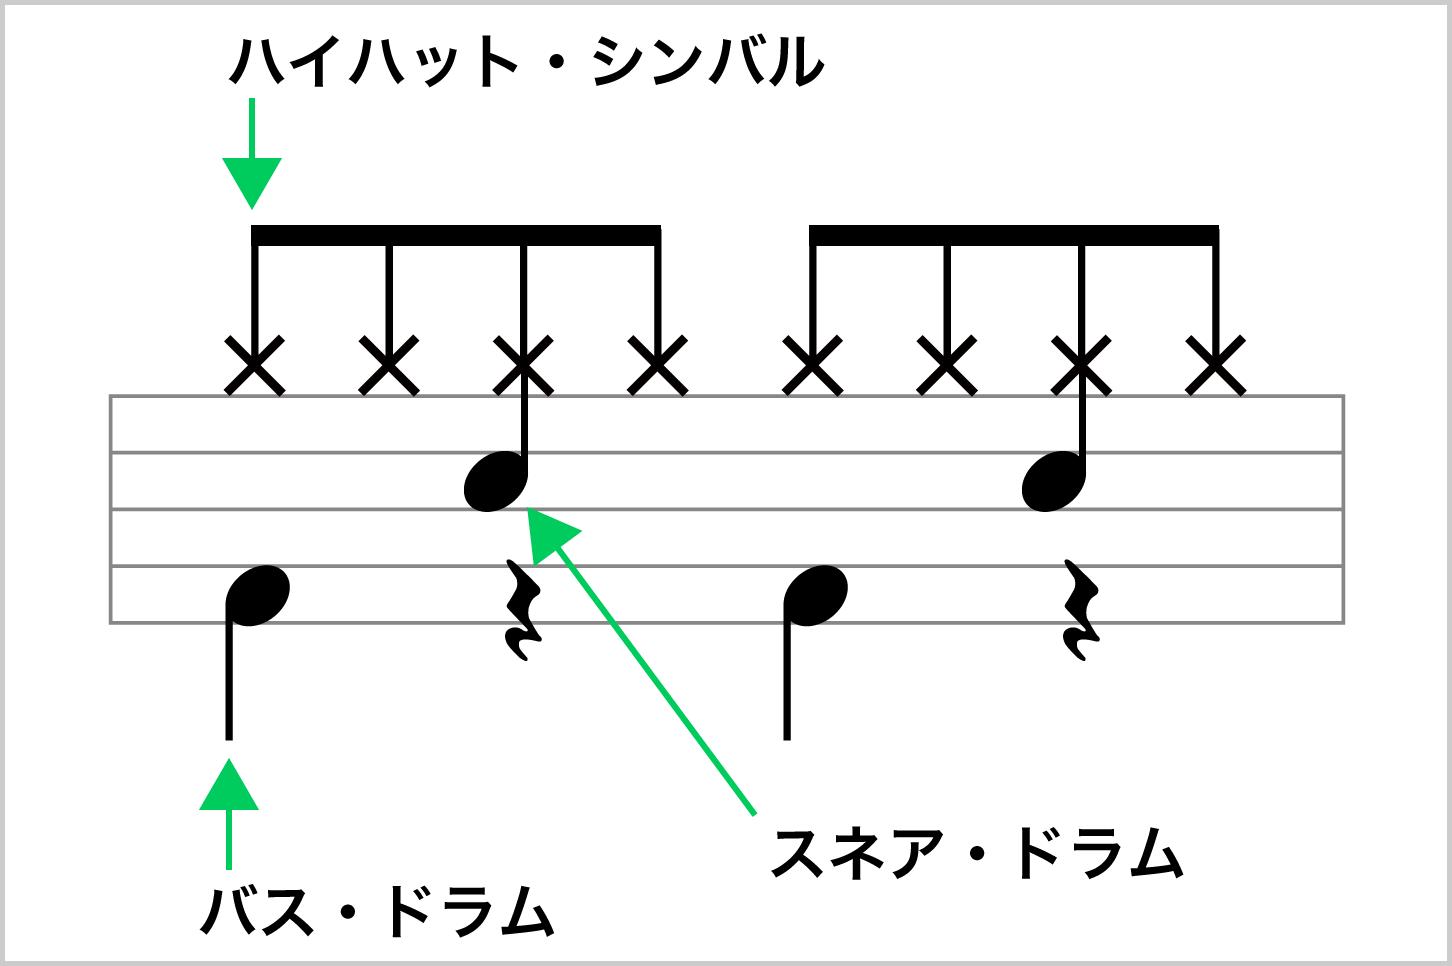 8ビートの楽譜